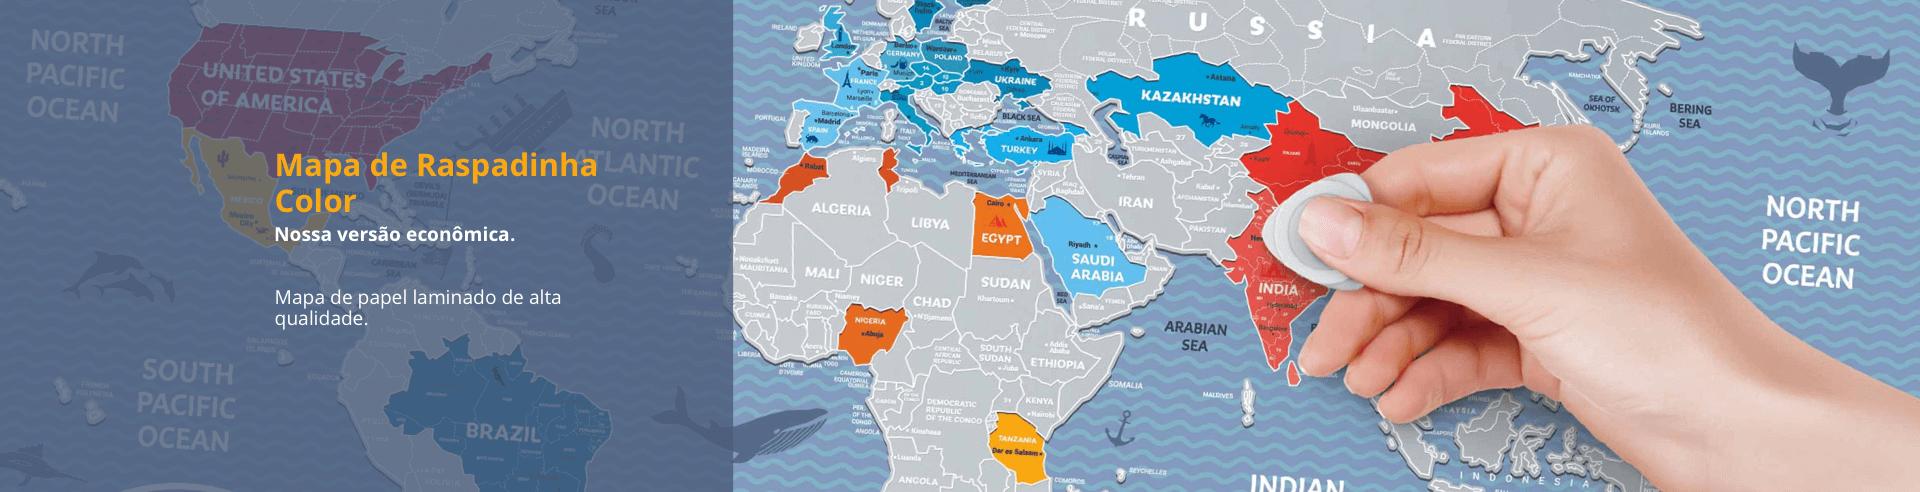 Mapa de Raspadinha Color